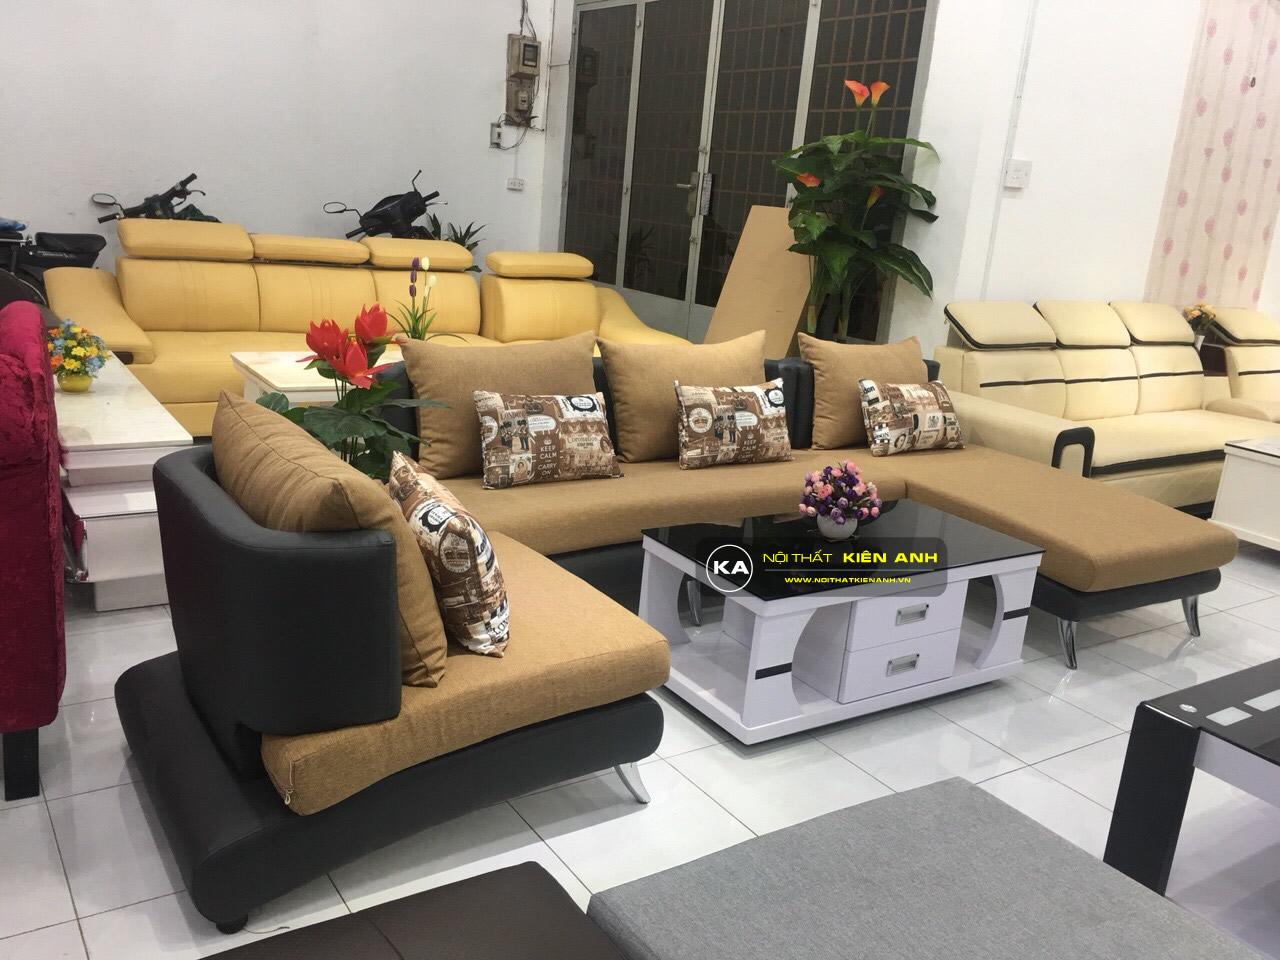 Sofa Vải Lưng Cong KA0013 - Nội Thất Kiên Anh